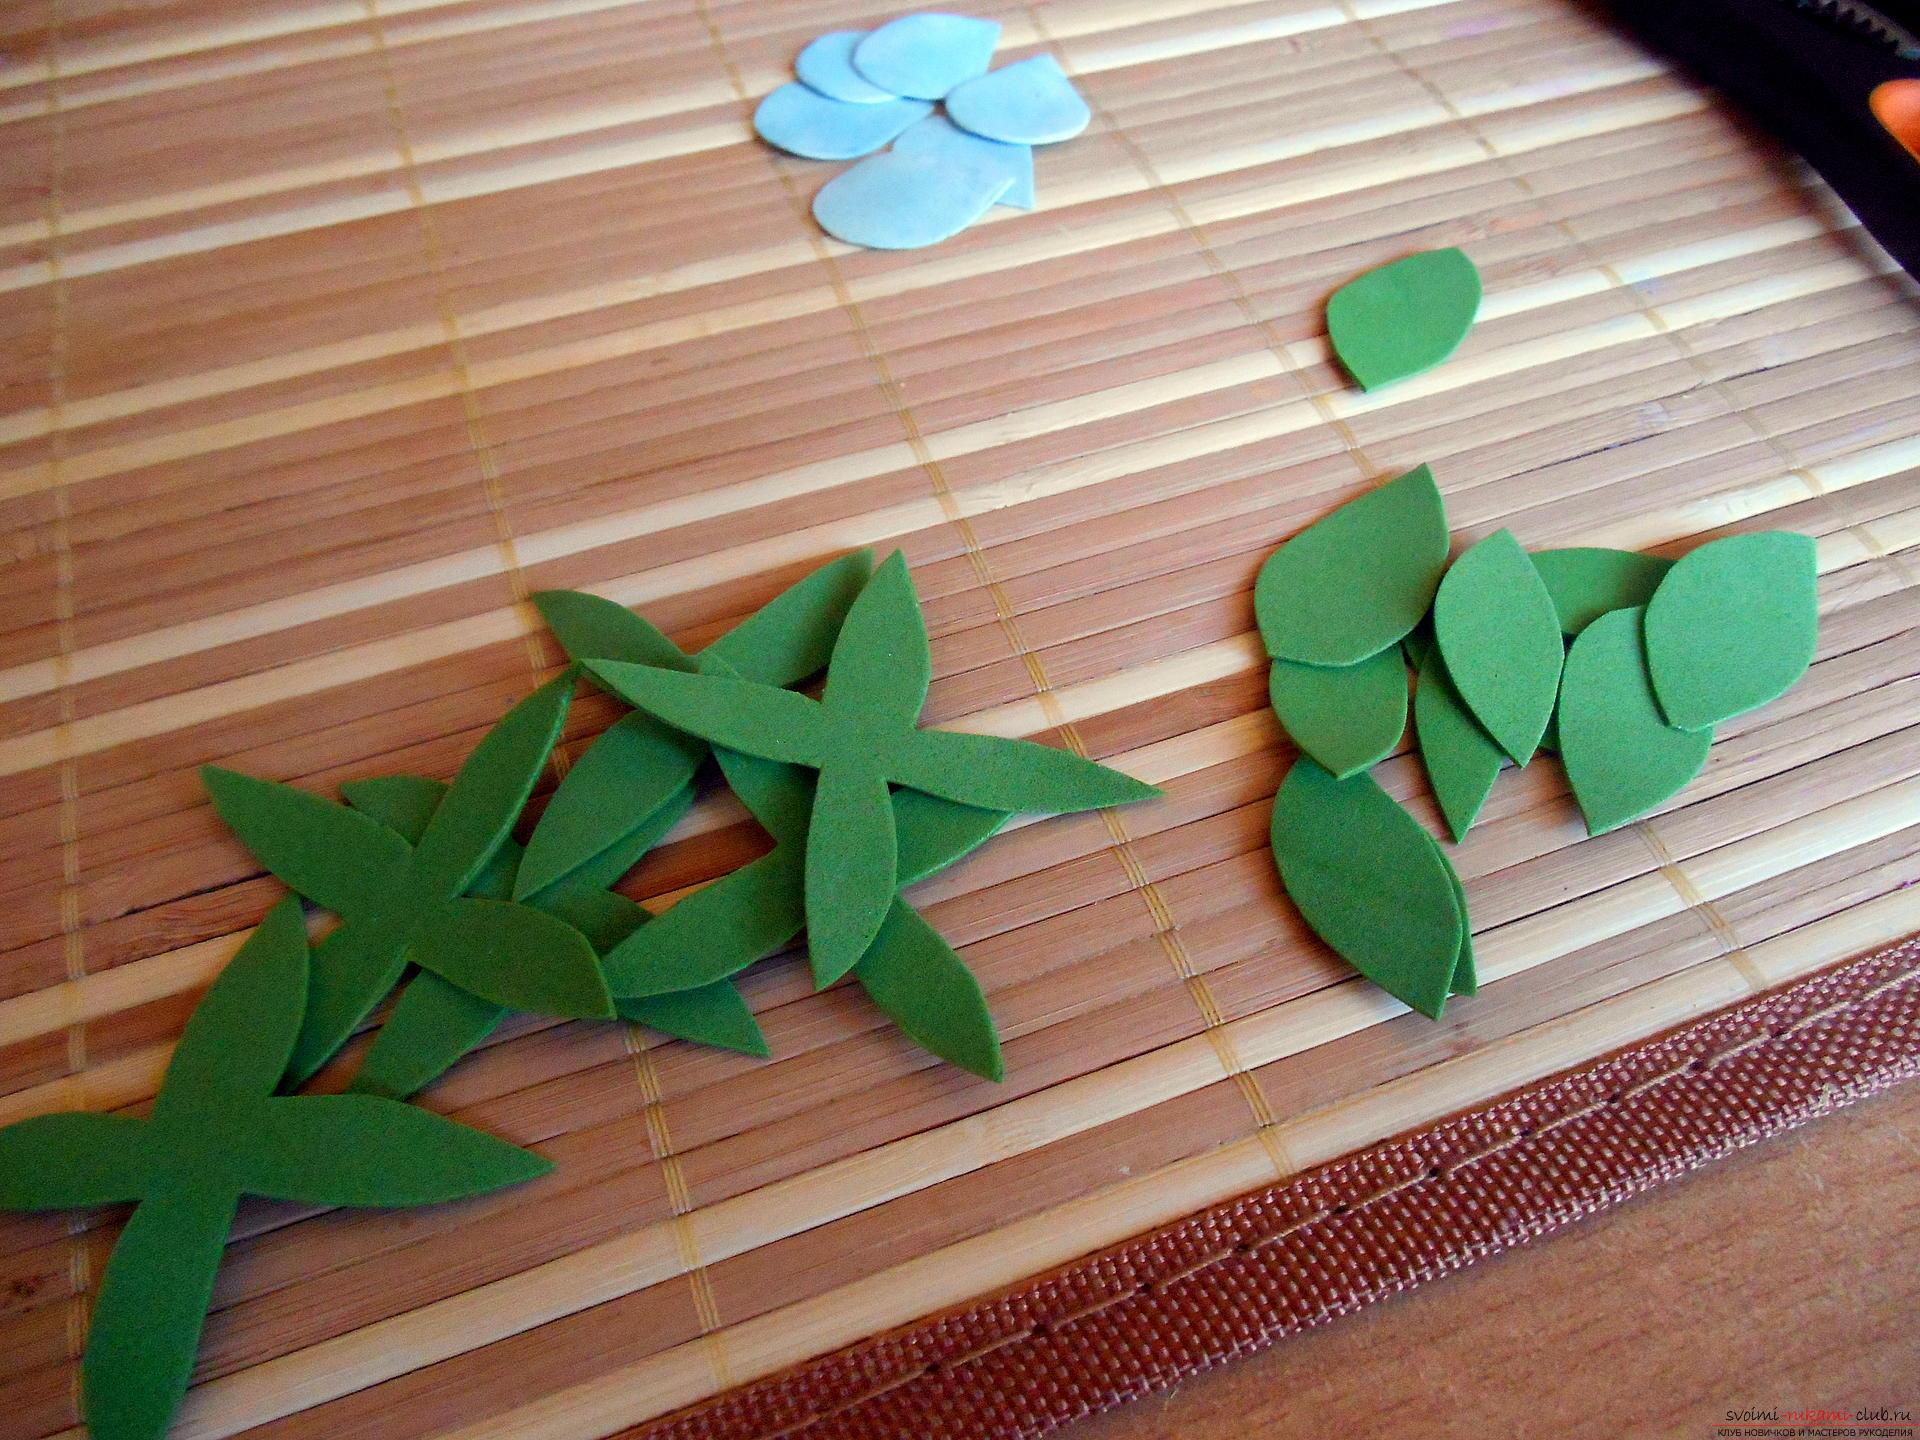 Листья из фоамирана : как сделать без молда? Мастер-класс из фоамирана 49